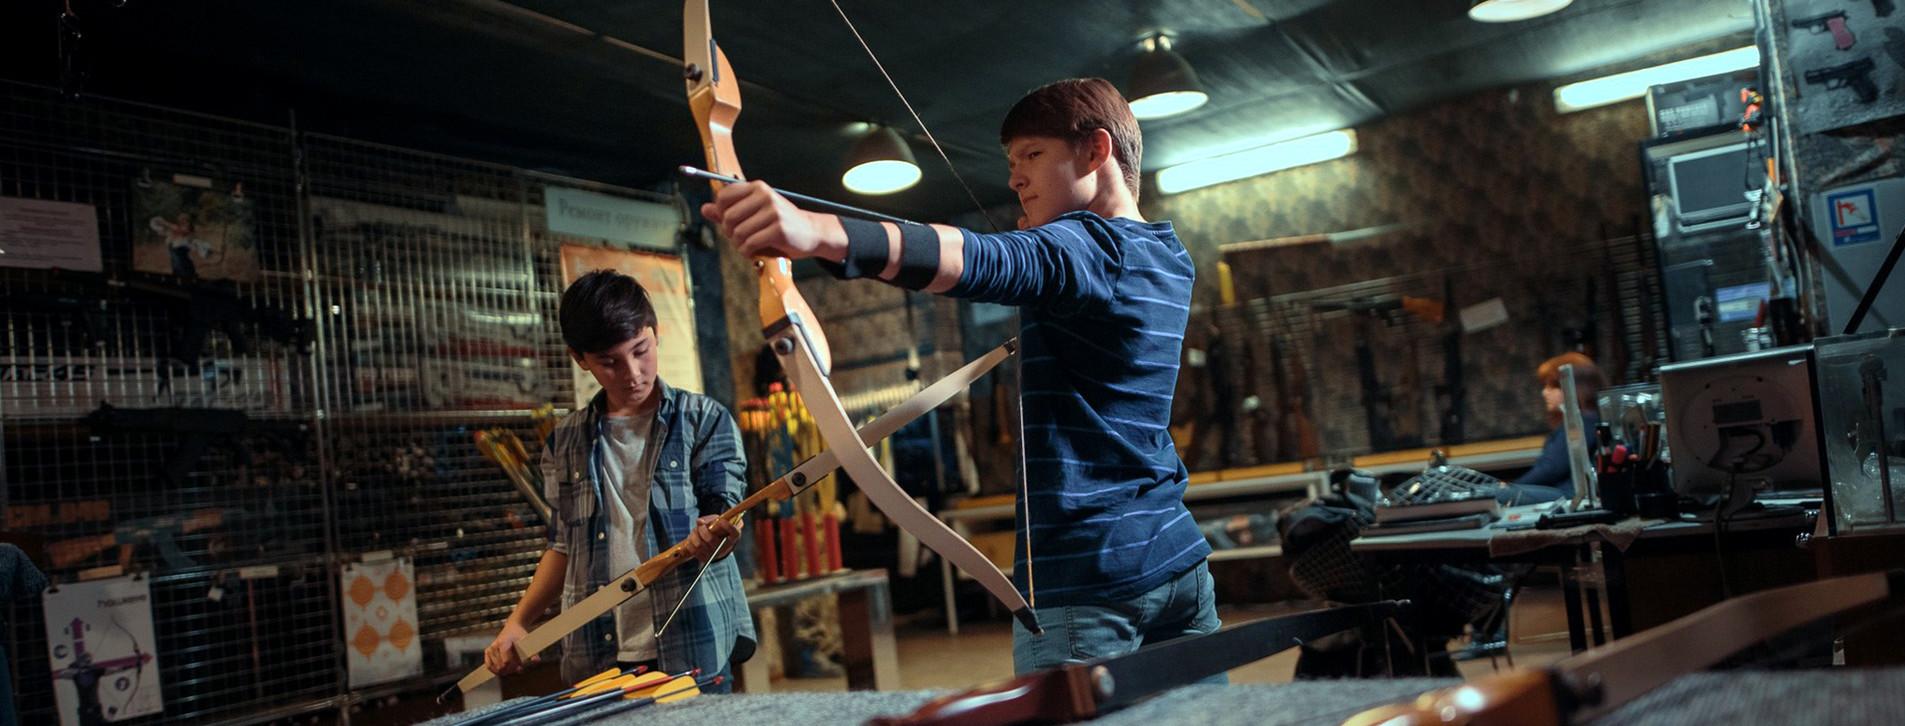 Фото 1 - Детский мастер-класс стрельбы из лука для двоих